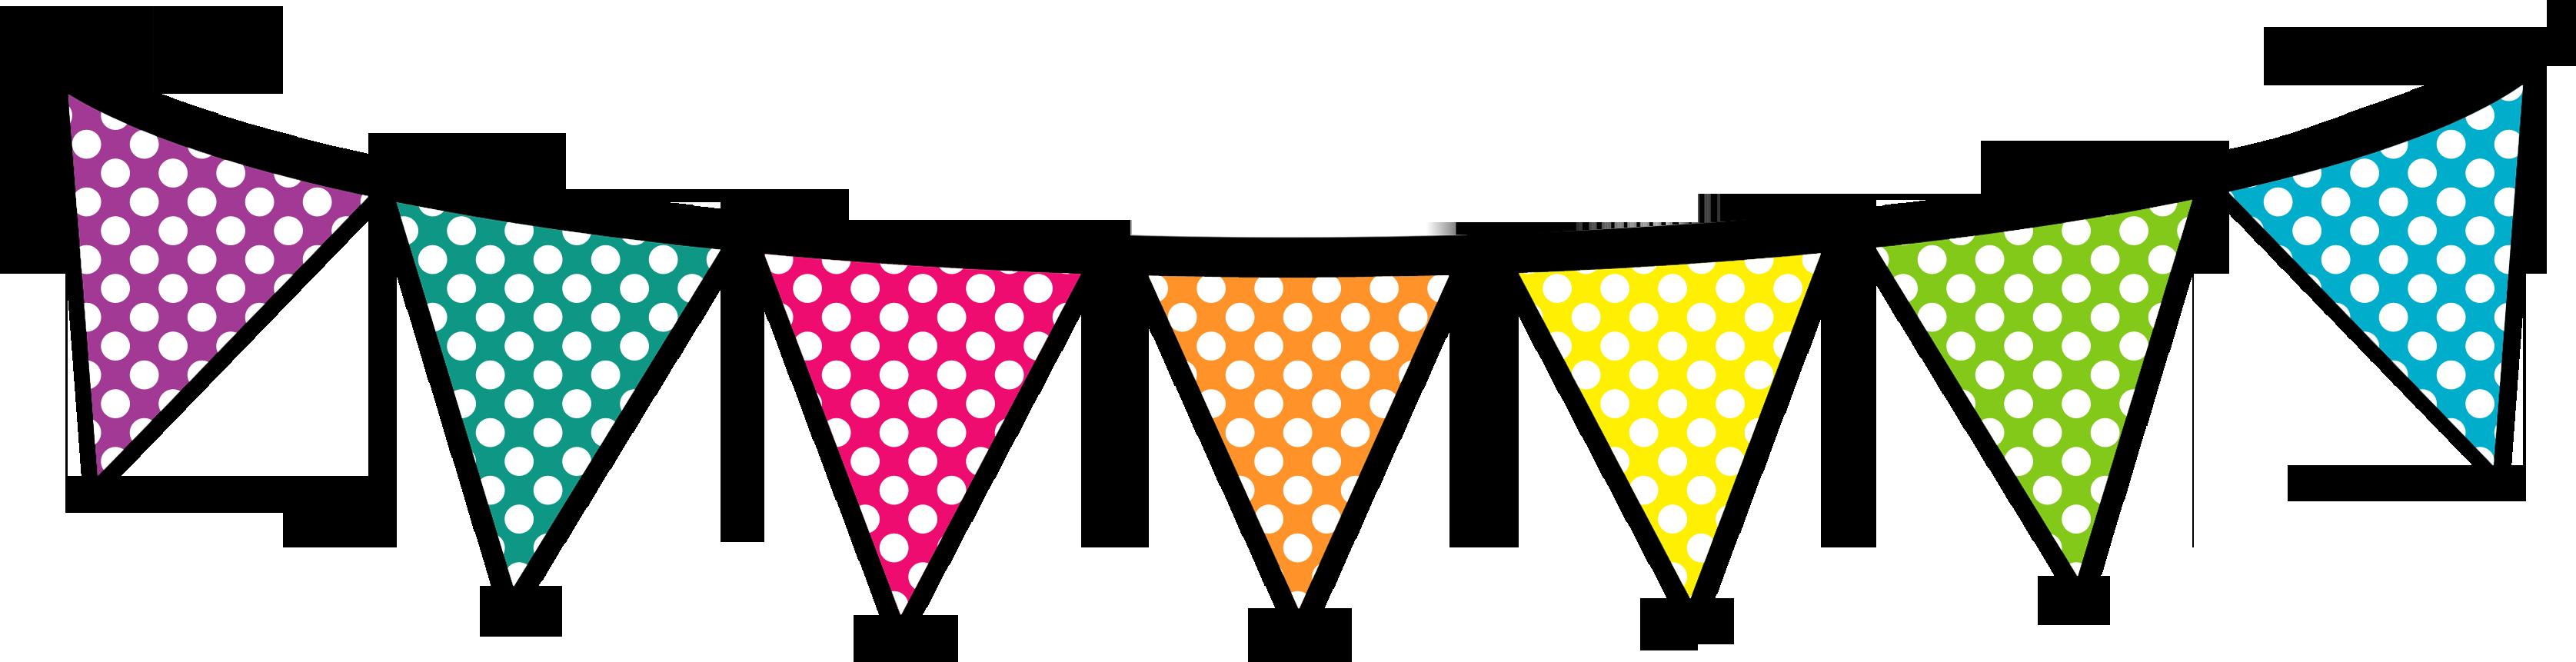 Triangular clipart polka dot banner, Triangular polka dot.